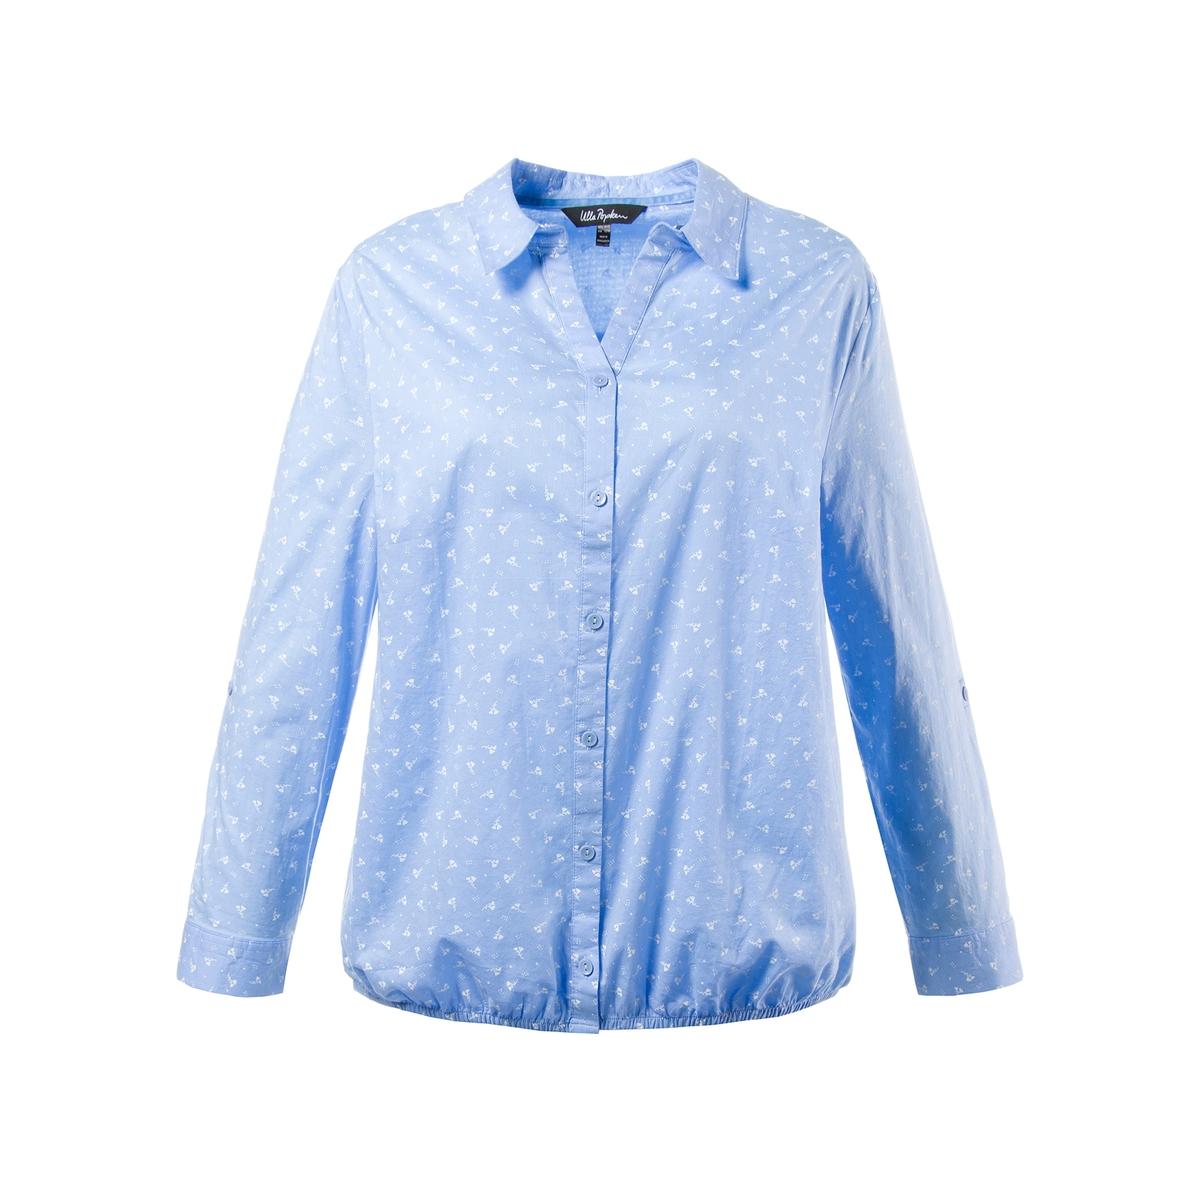 БлузкаБлузка рубашечного покроя с красивым микрорисунком ULLA POPKEN. Открытый вырез, рубашечный воротник, эластичный низ. Длинные рукава с застежкой для длины 3/4. 100% хлопок. Длина в зависимости от размера. 68-78 см<br><br>Цвет: синий<br>Размер: 52/54 (FR) - 58/60 (RUS)